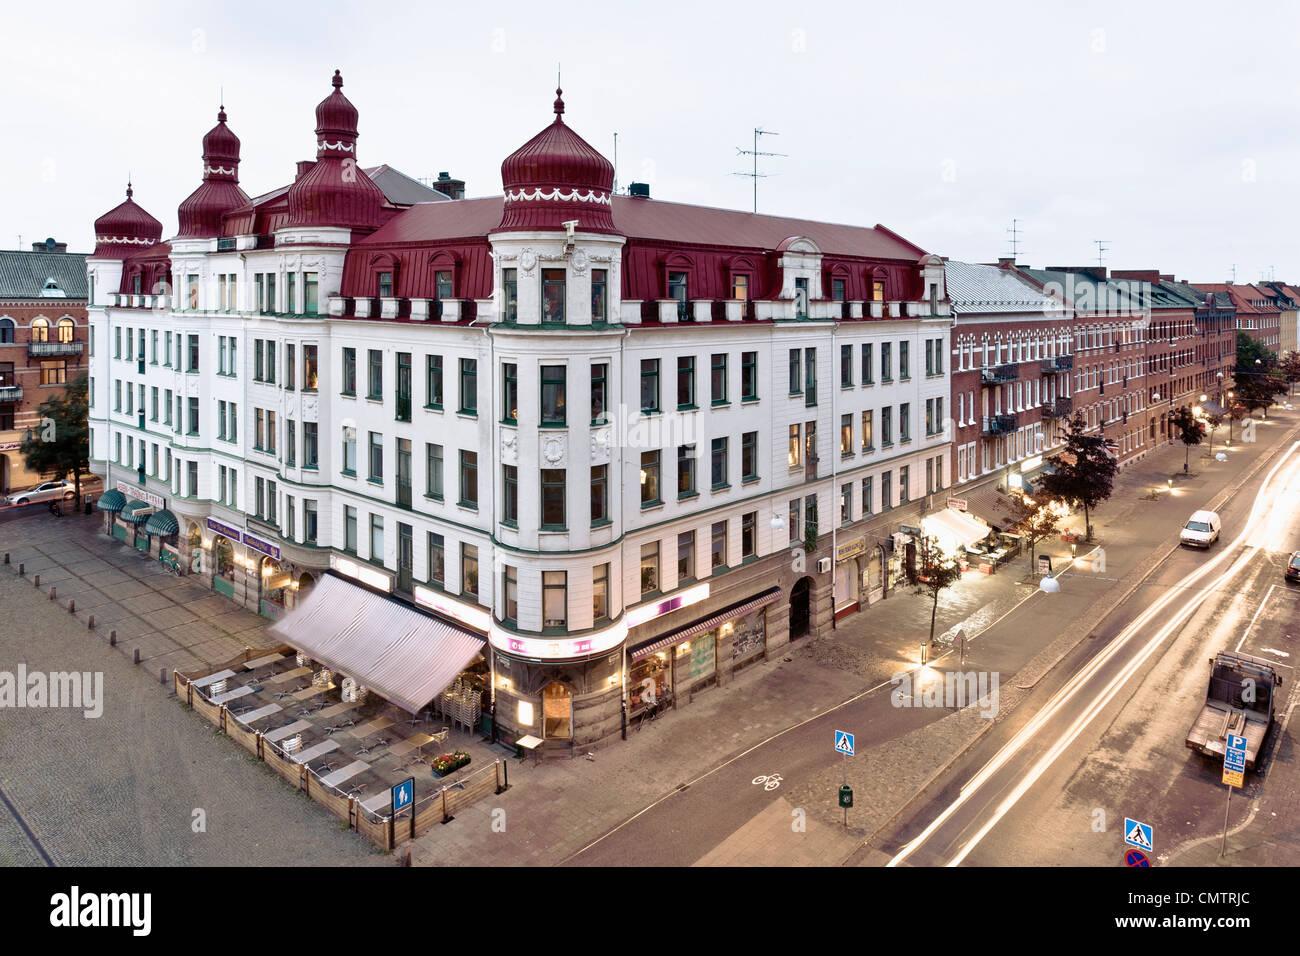 Angolo alto vista dell edificio e street Immagini Stock